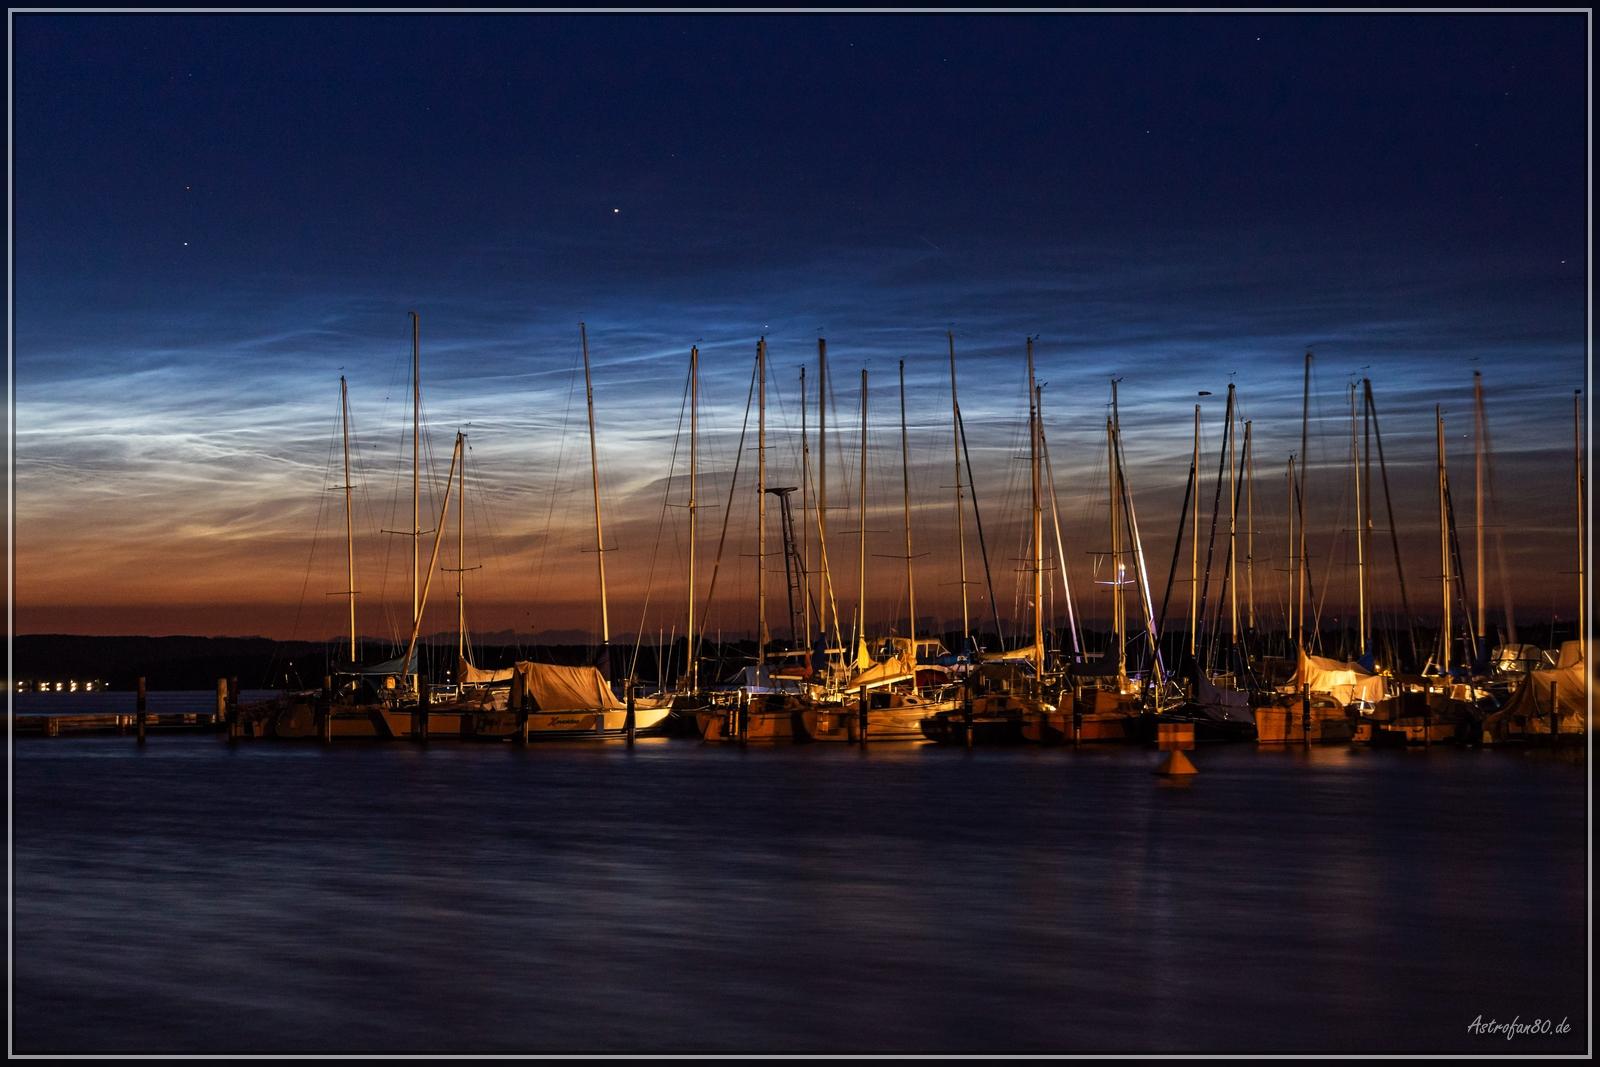 Leuchtende Nachtwolken in der Nacht vom 2. auf den 3. Juli